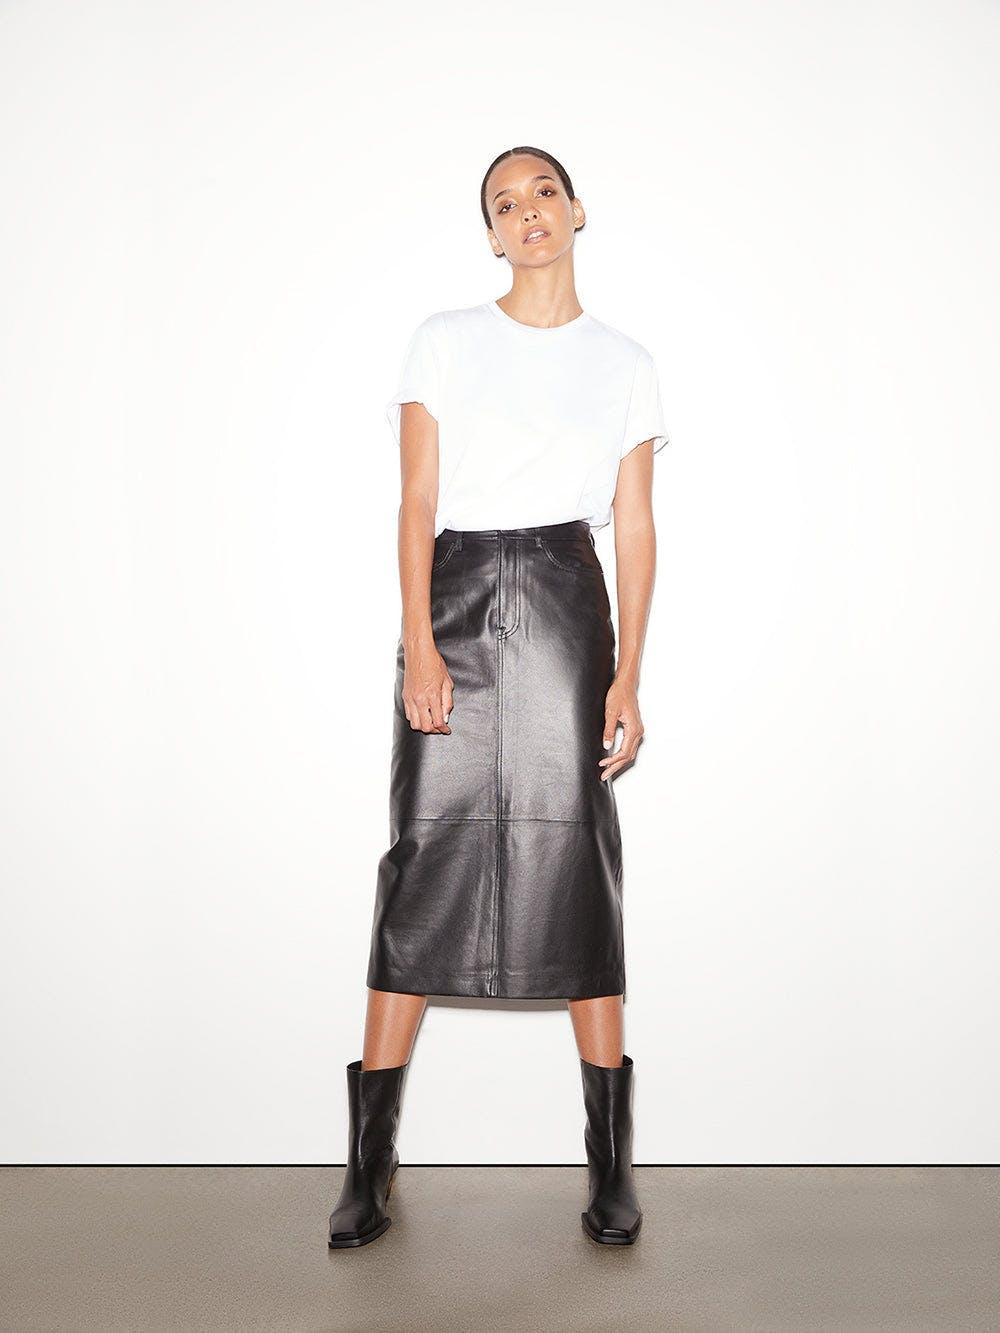 skirt full body view alt:hover